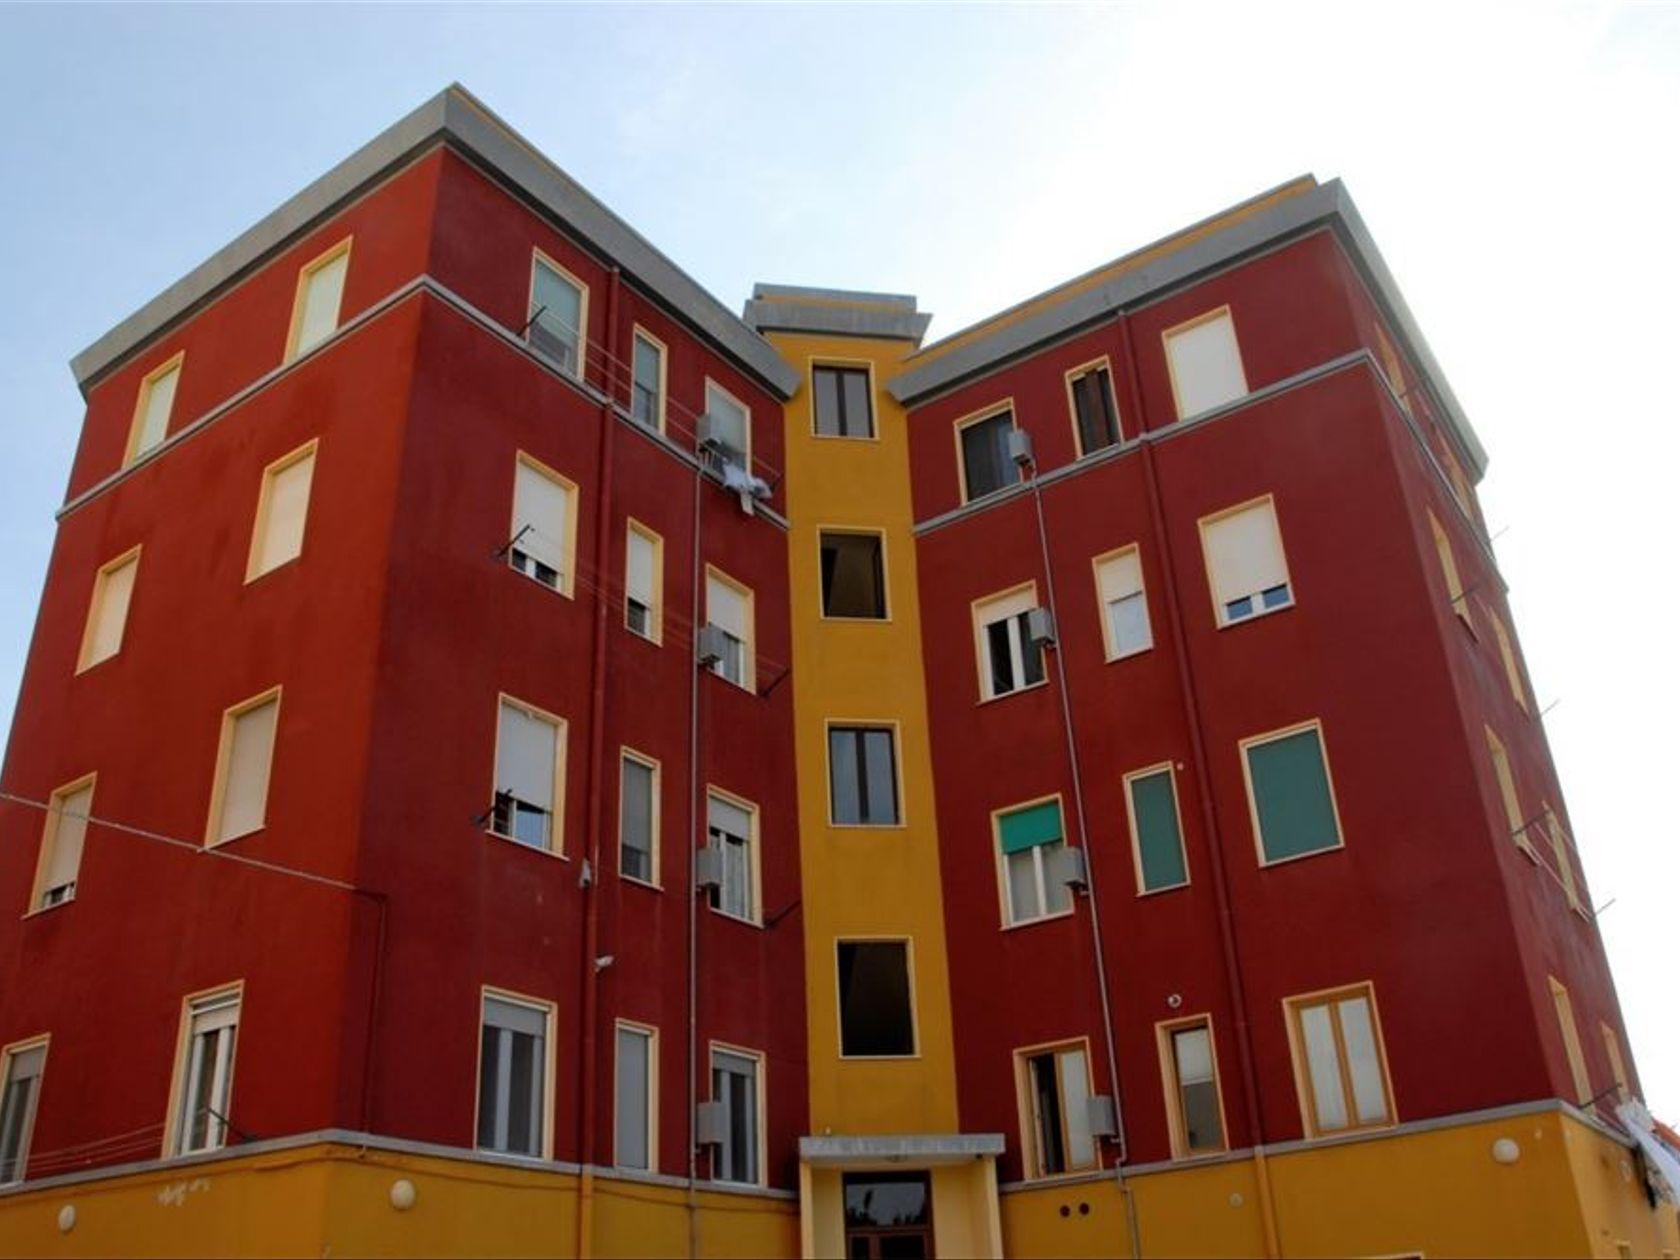 Appartamento Cagliari-punici-merello, Cagliari, CA Vendita